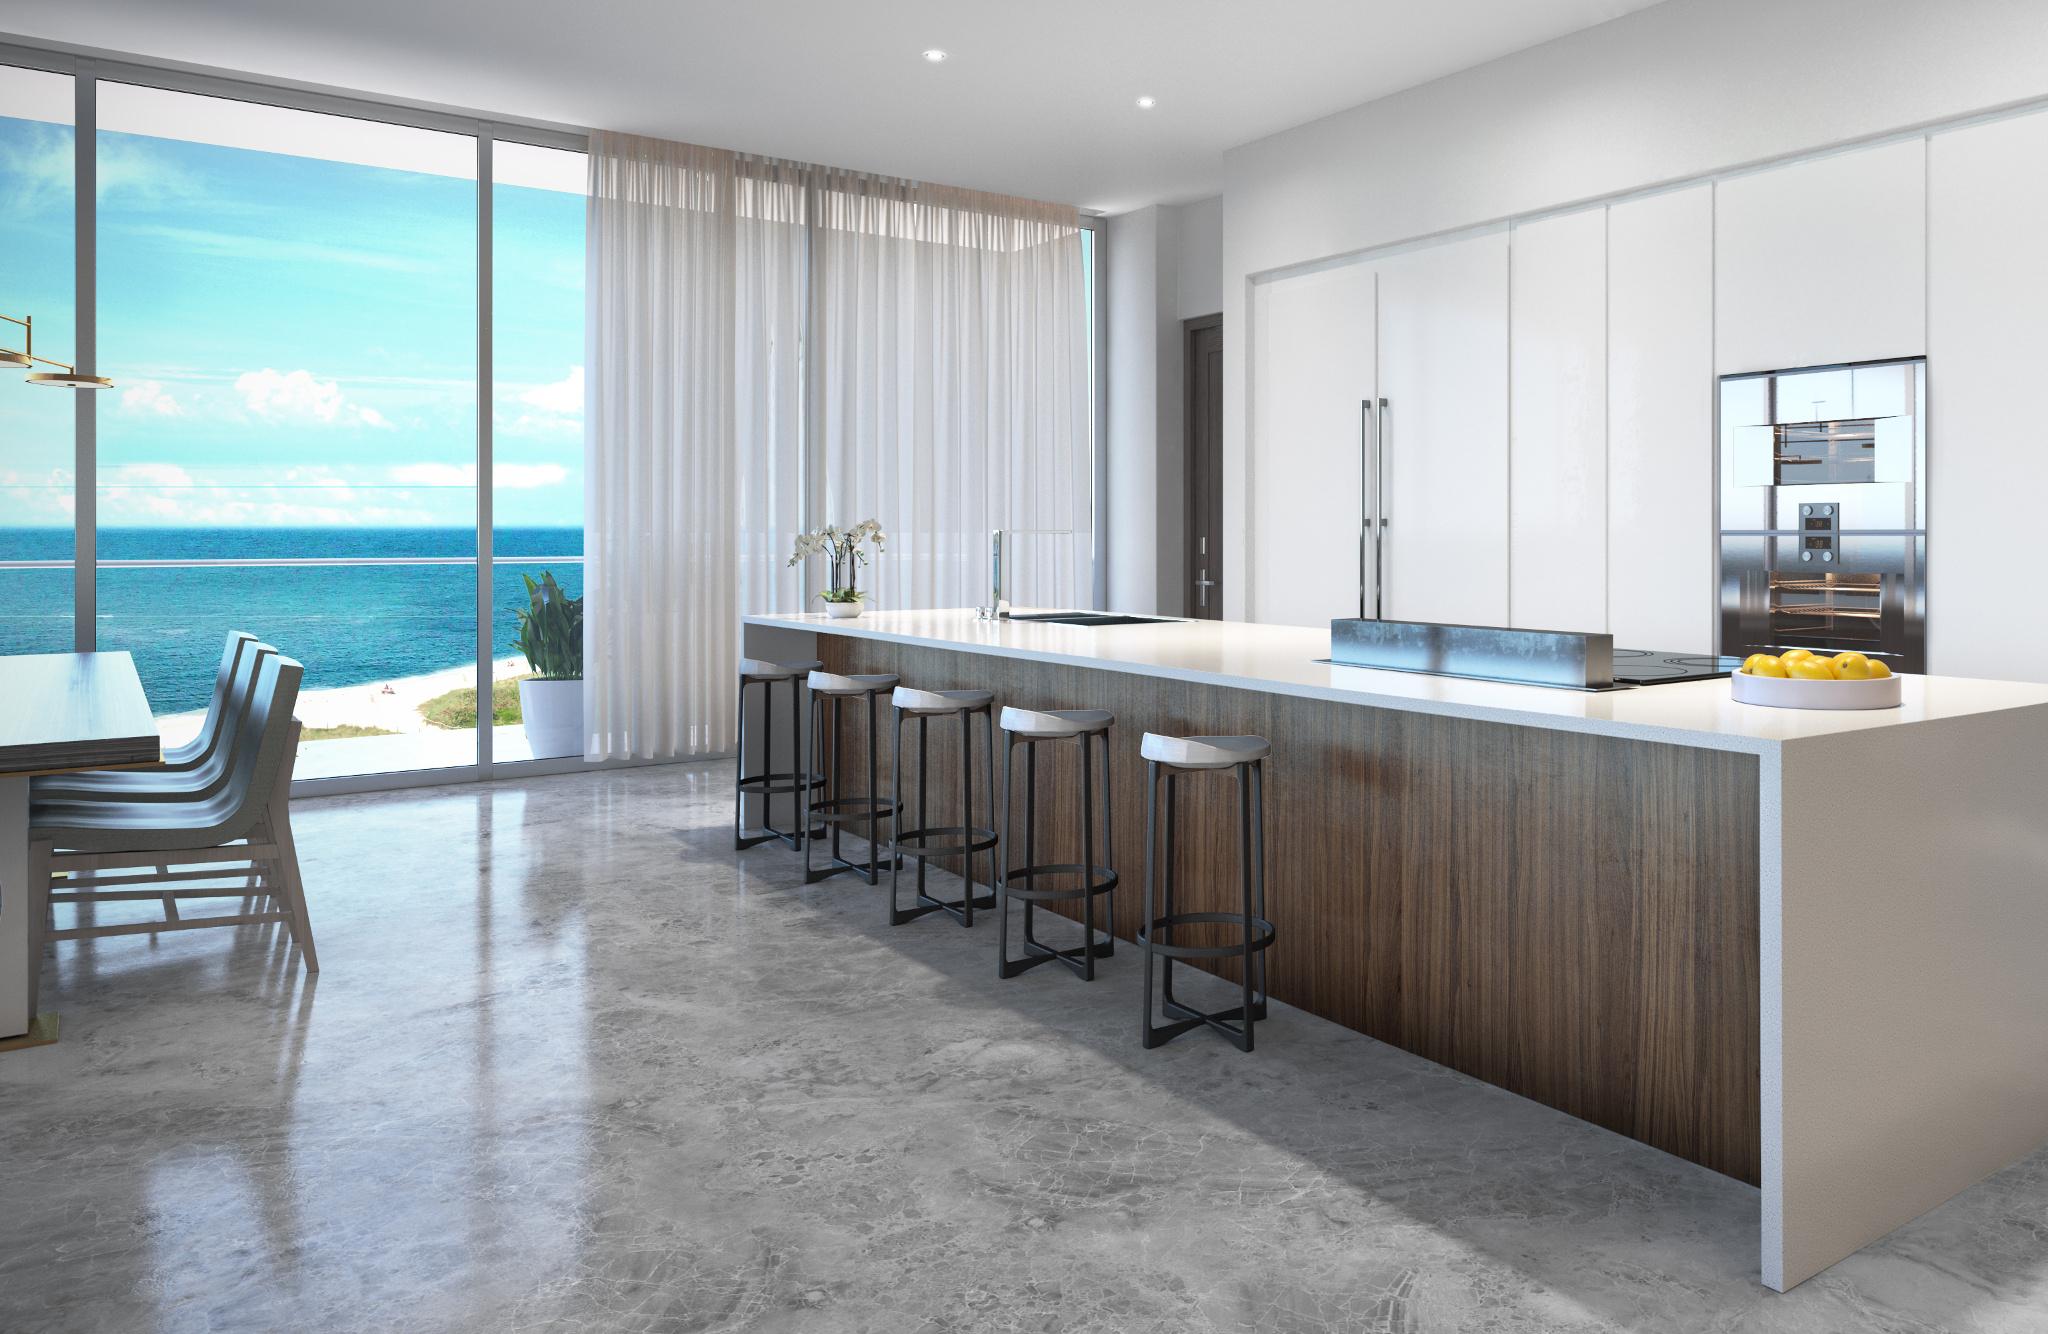 Penthouse at L'Atelier Residences, Miami Beach - Kitchen